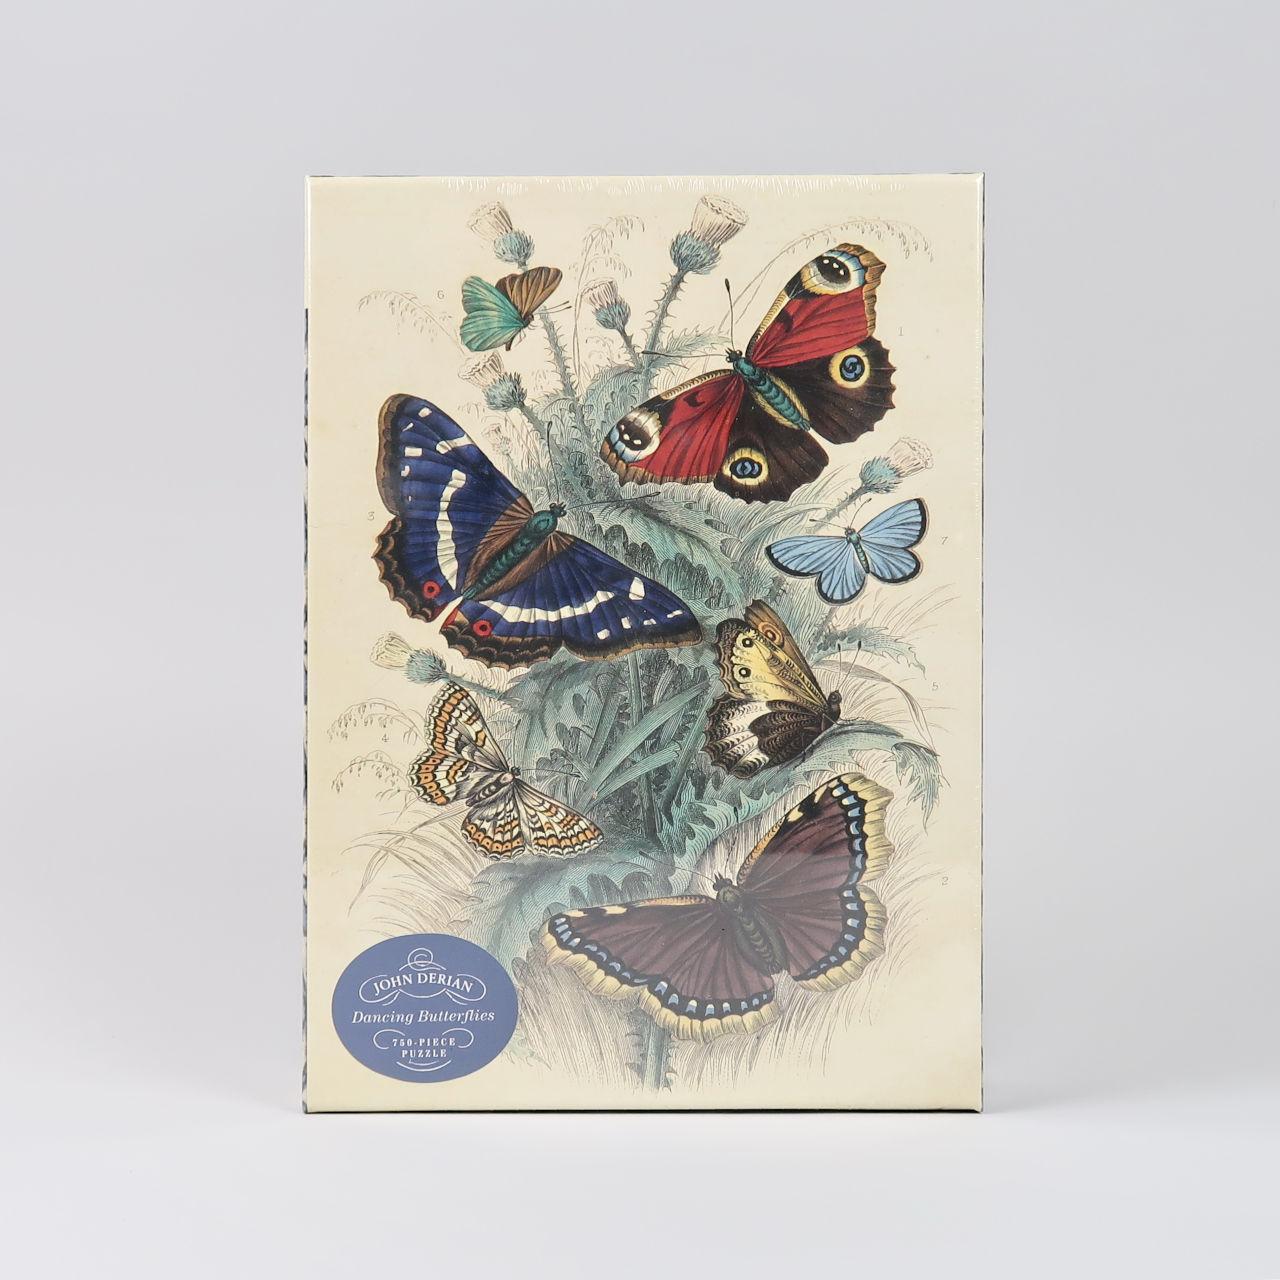 Dancing Butterflies - John Derian - 750 piece jigsaw puzzle